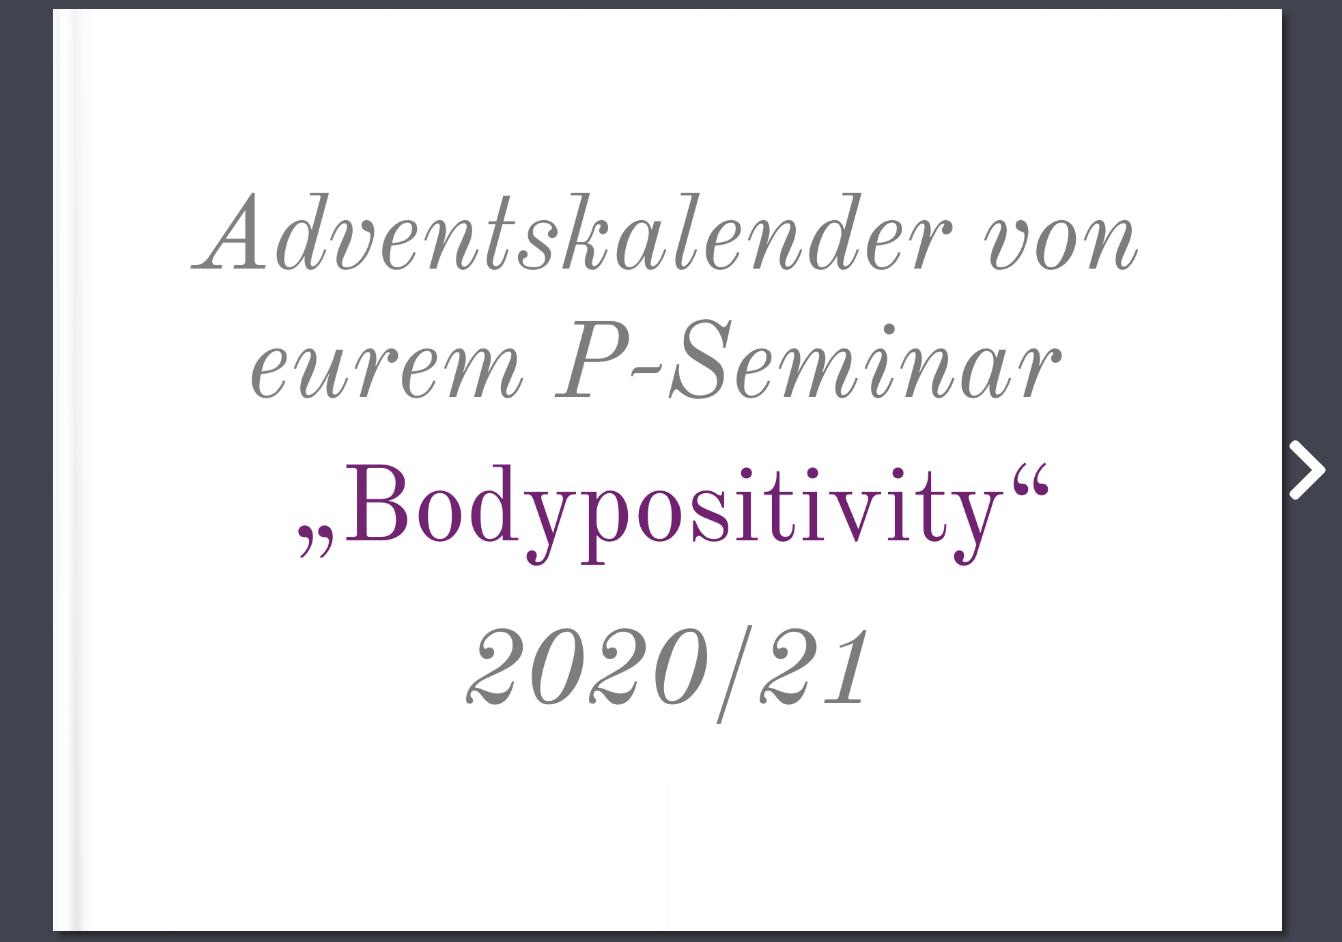 Adventskalender P-Seminar